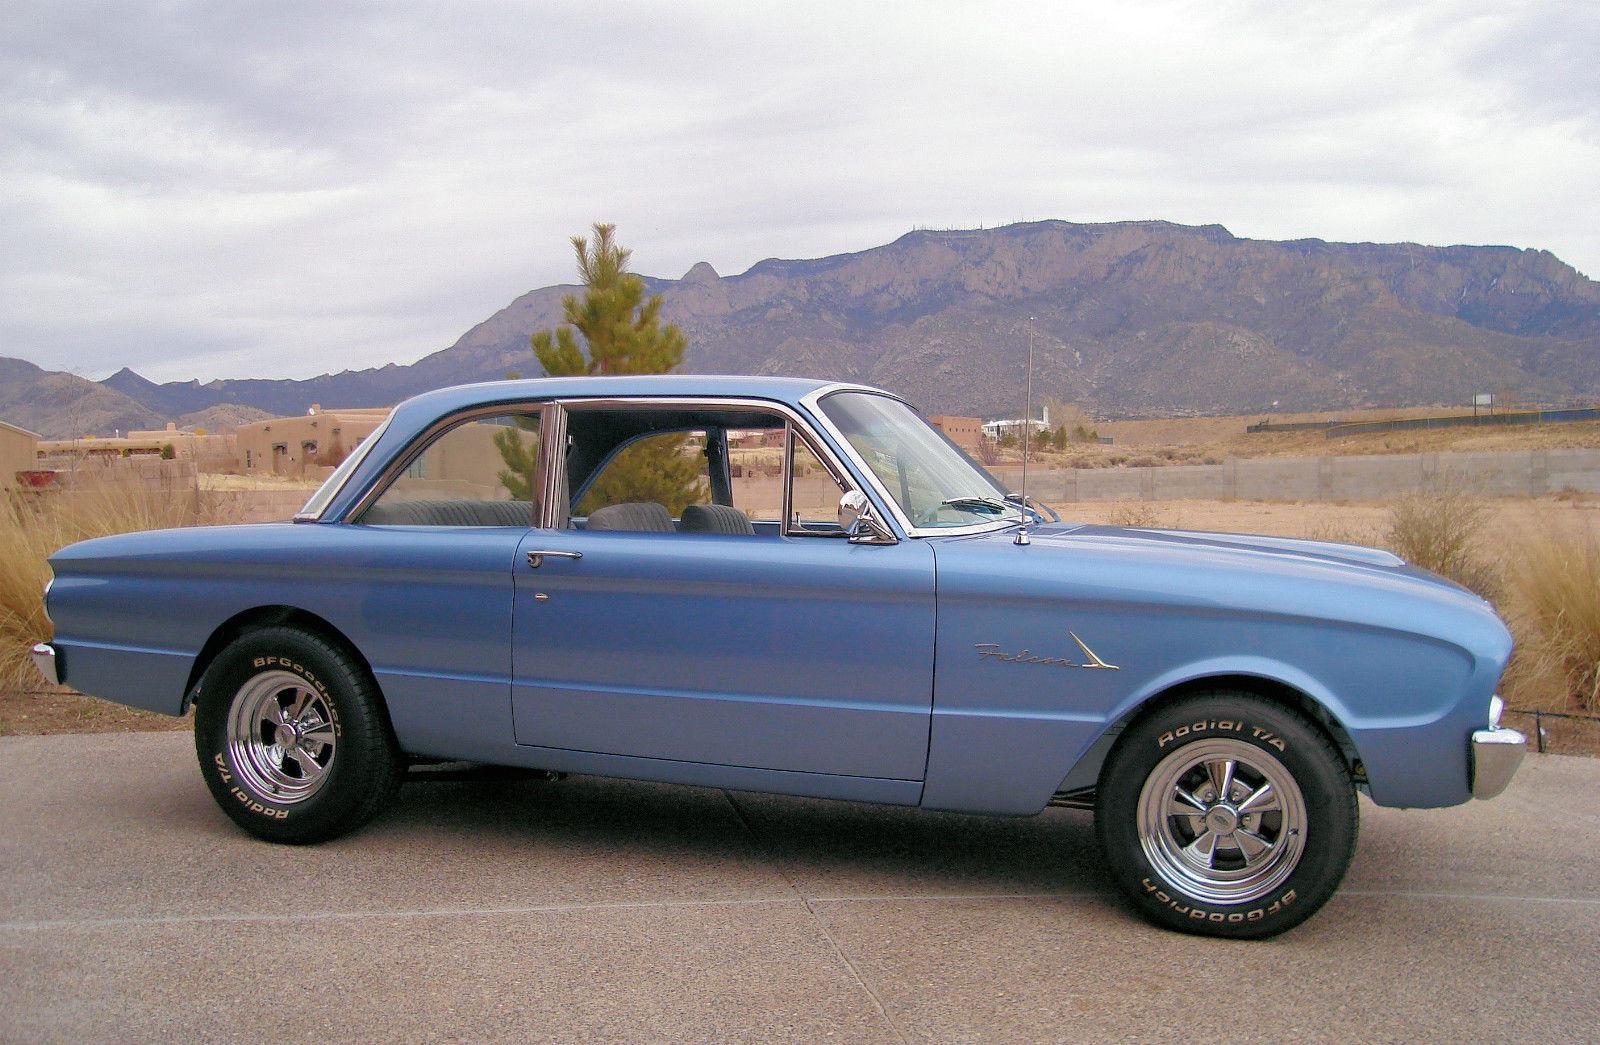 1961 Ford Falcon CUSTOM